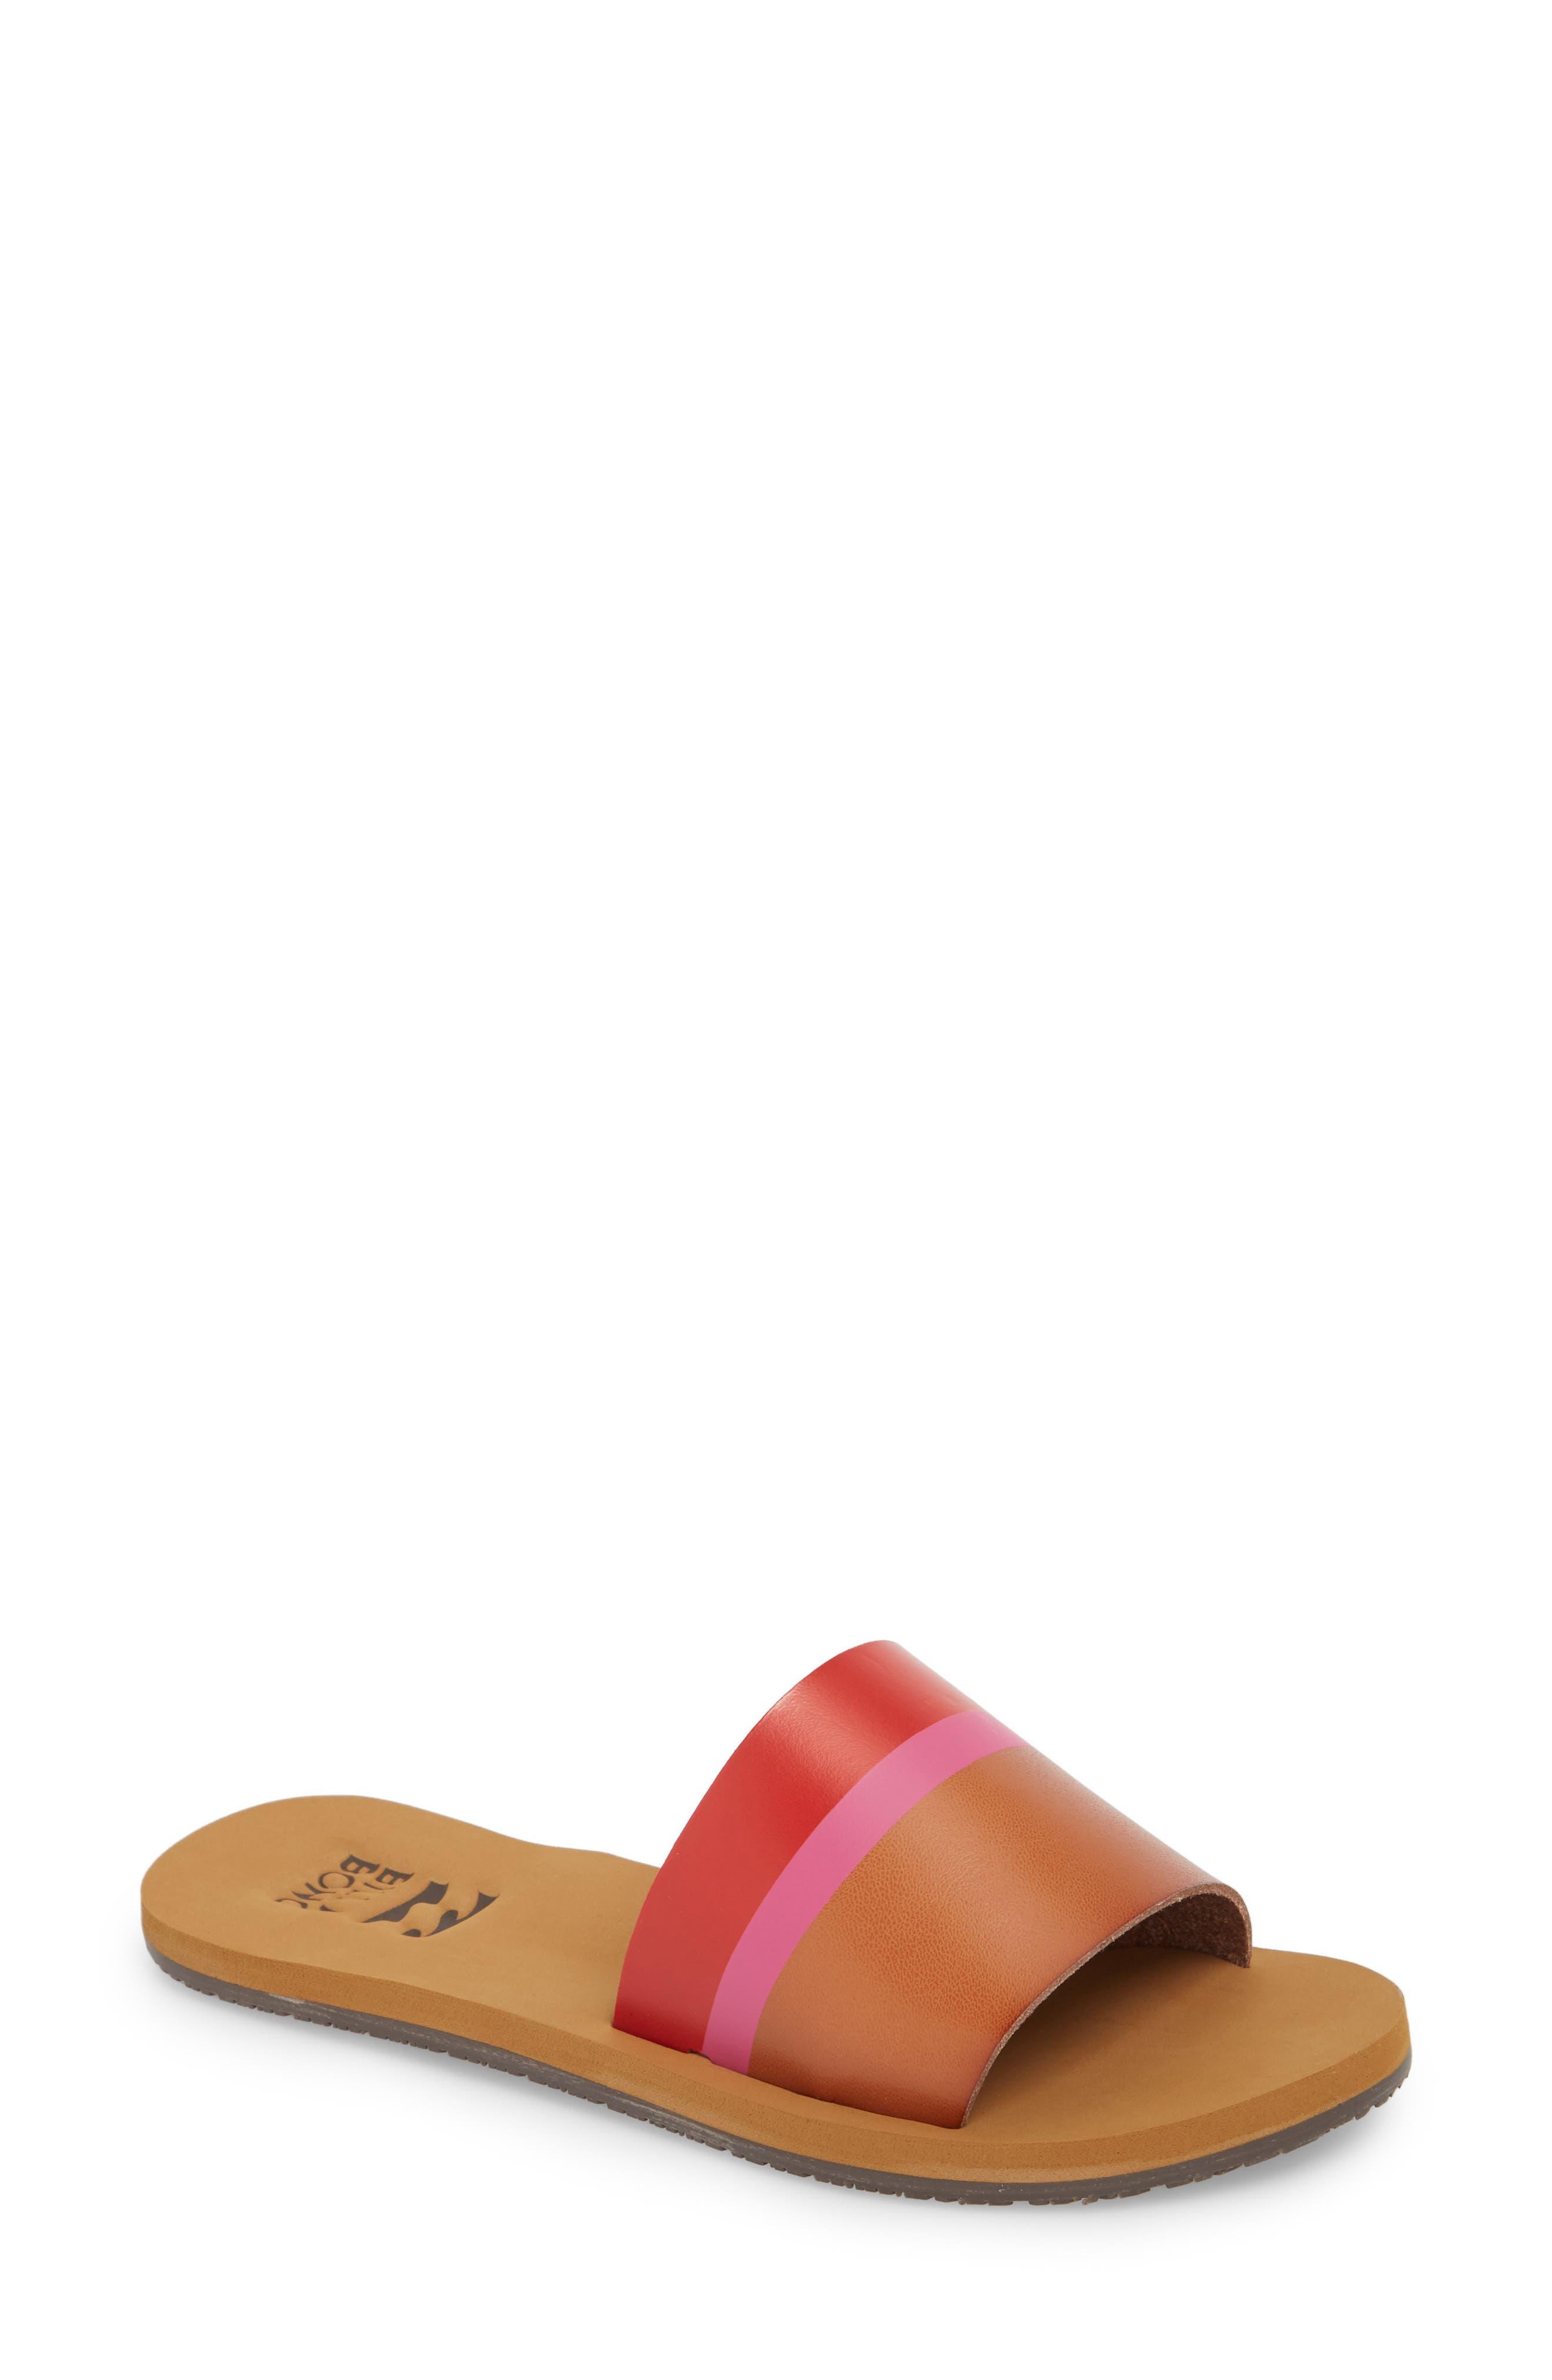 Slide Sandal,                             Main thumbnail 1, color,                             Multi